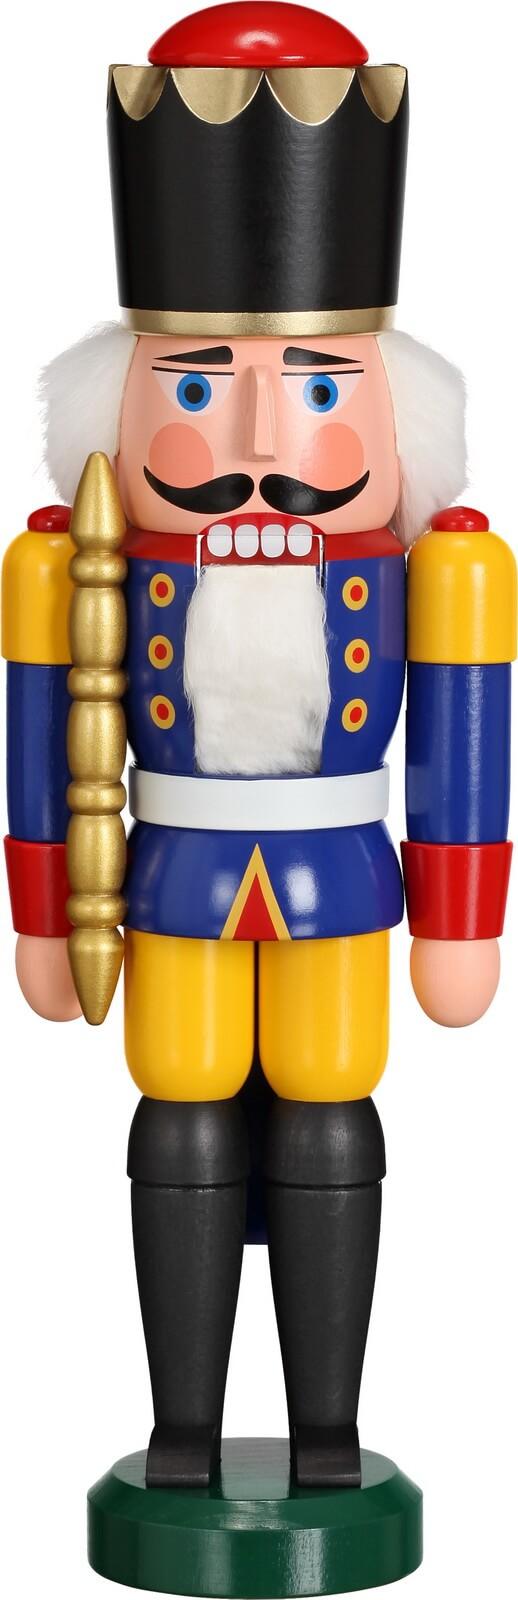 Darf ich vorstellen, Ihre Majestät Nussknacker König in blau, 29 cm von Seiffener Volkskunst eG aus Seiffen/ Erzgebirge. Dienten früher die Nussknacker oder …